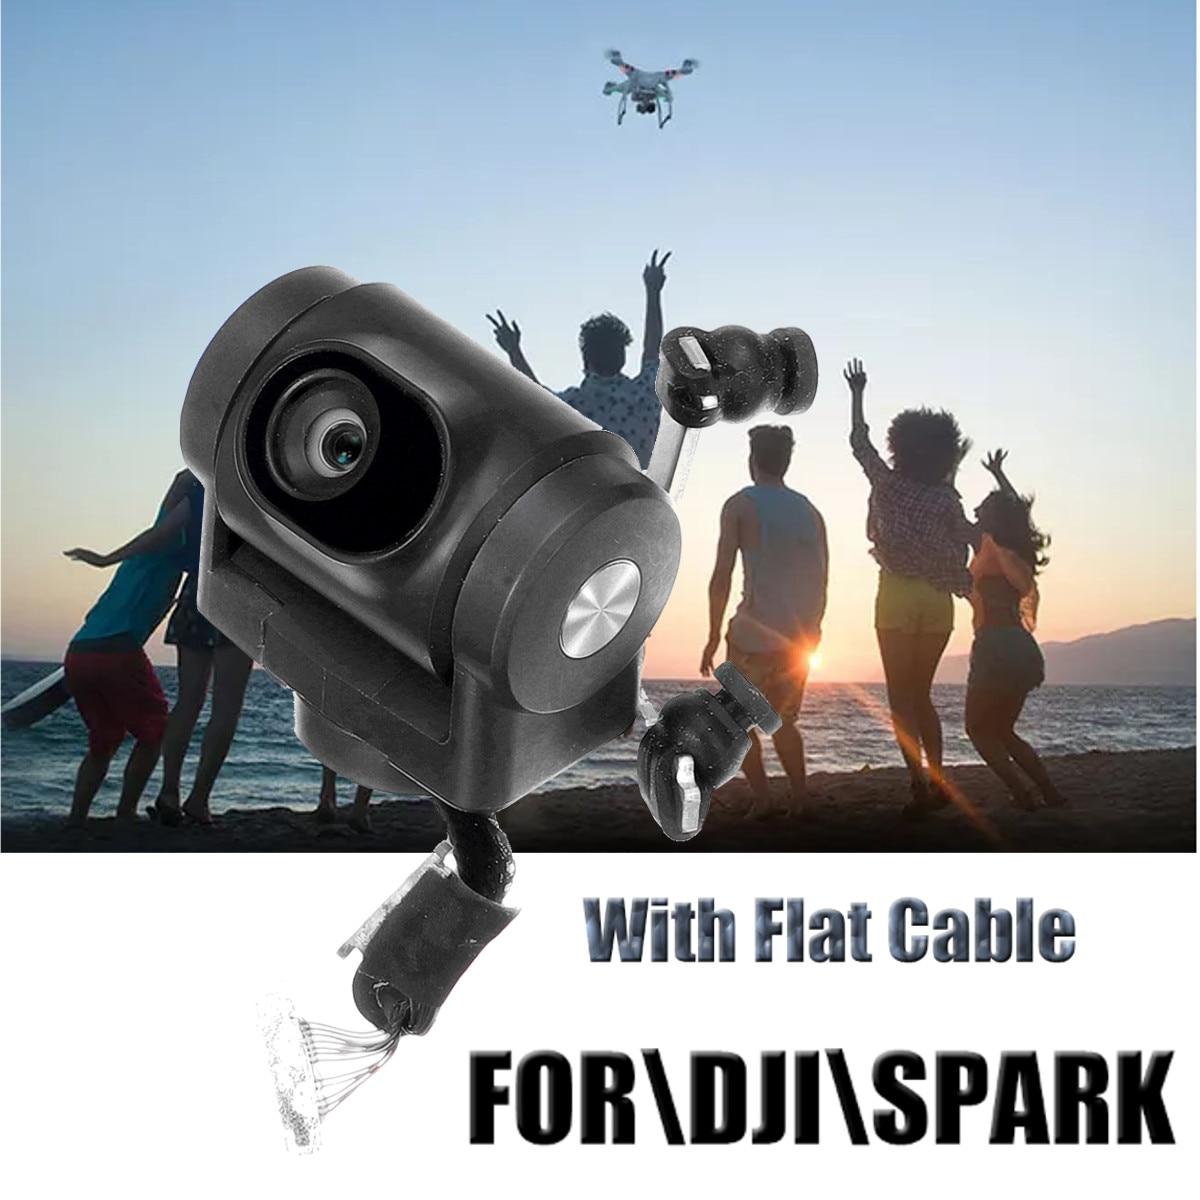 Pièce de réparation de Drone d'étincelle de caméra de cardan pièce de réparation de FPV HD pour le Drone d'étincelle de DJI s avec le câble plat